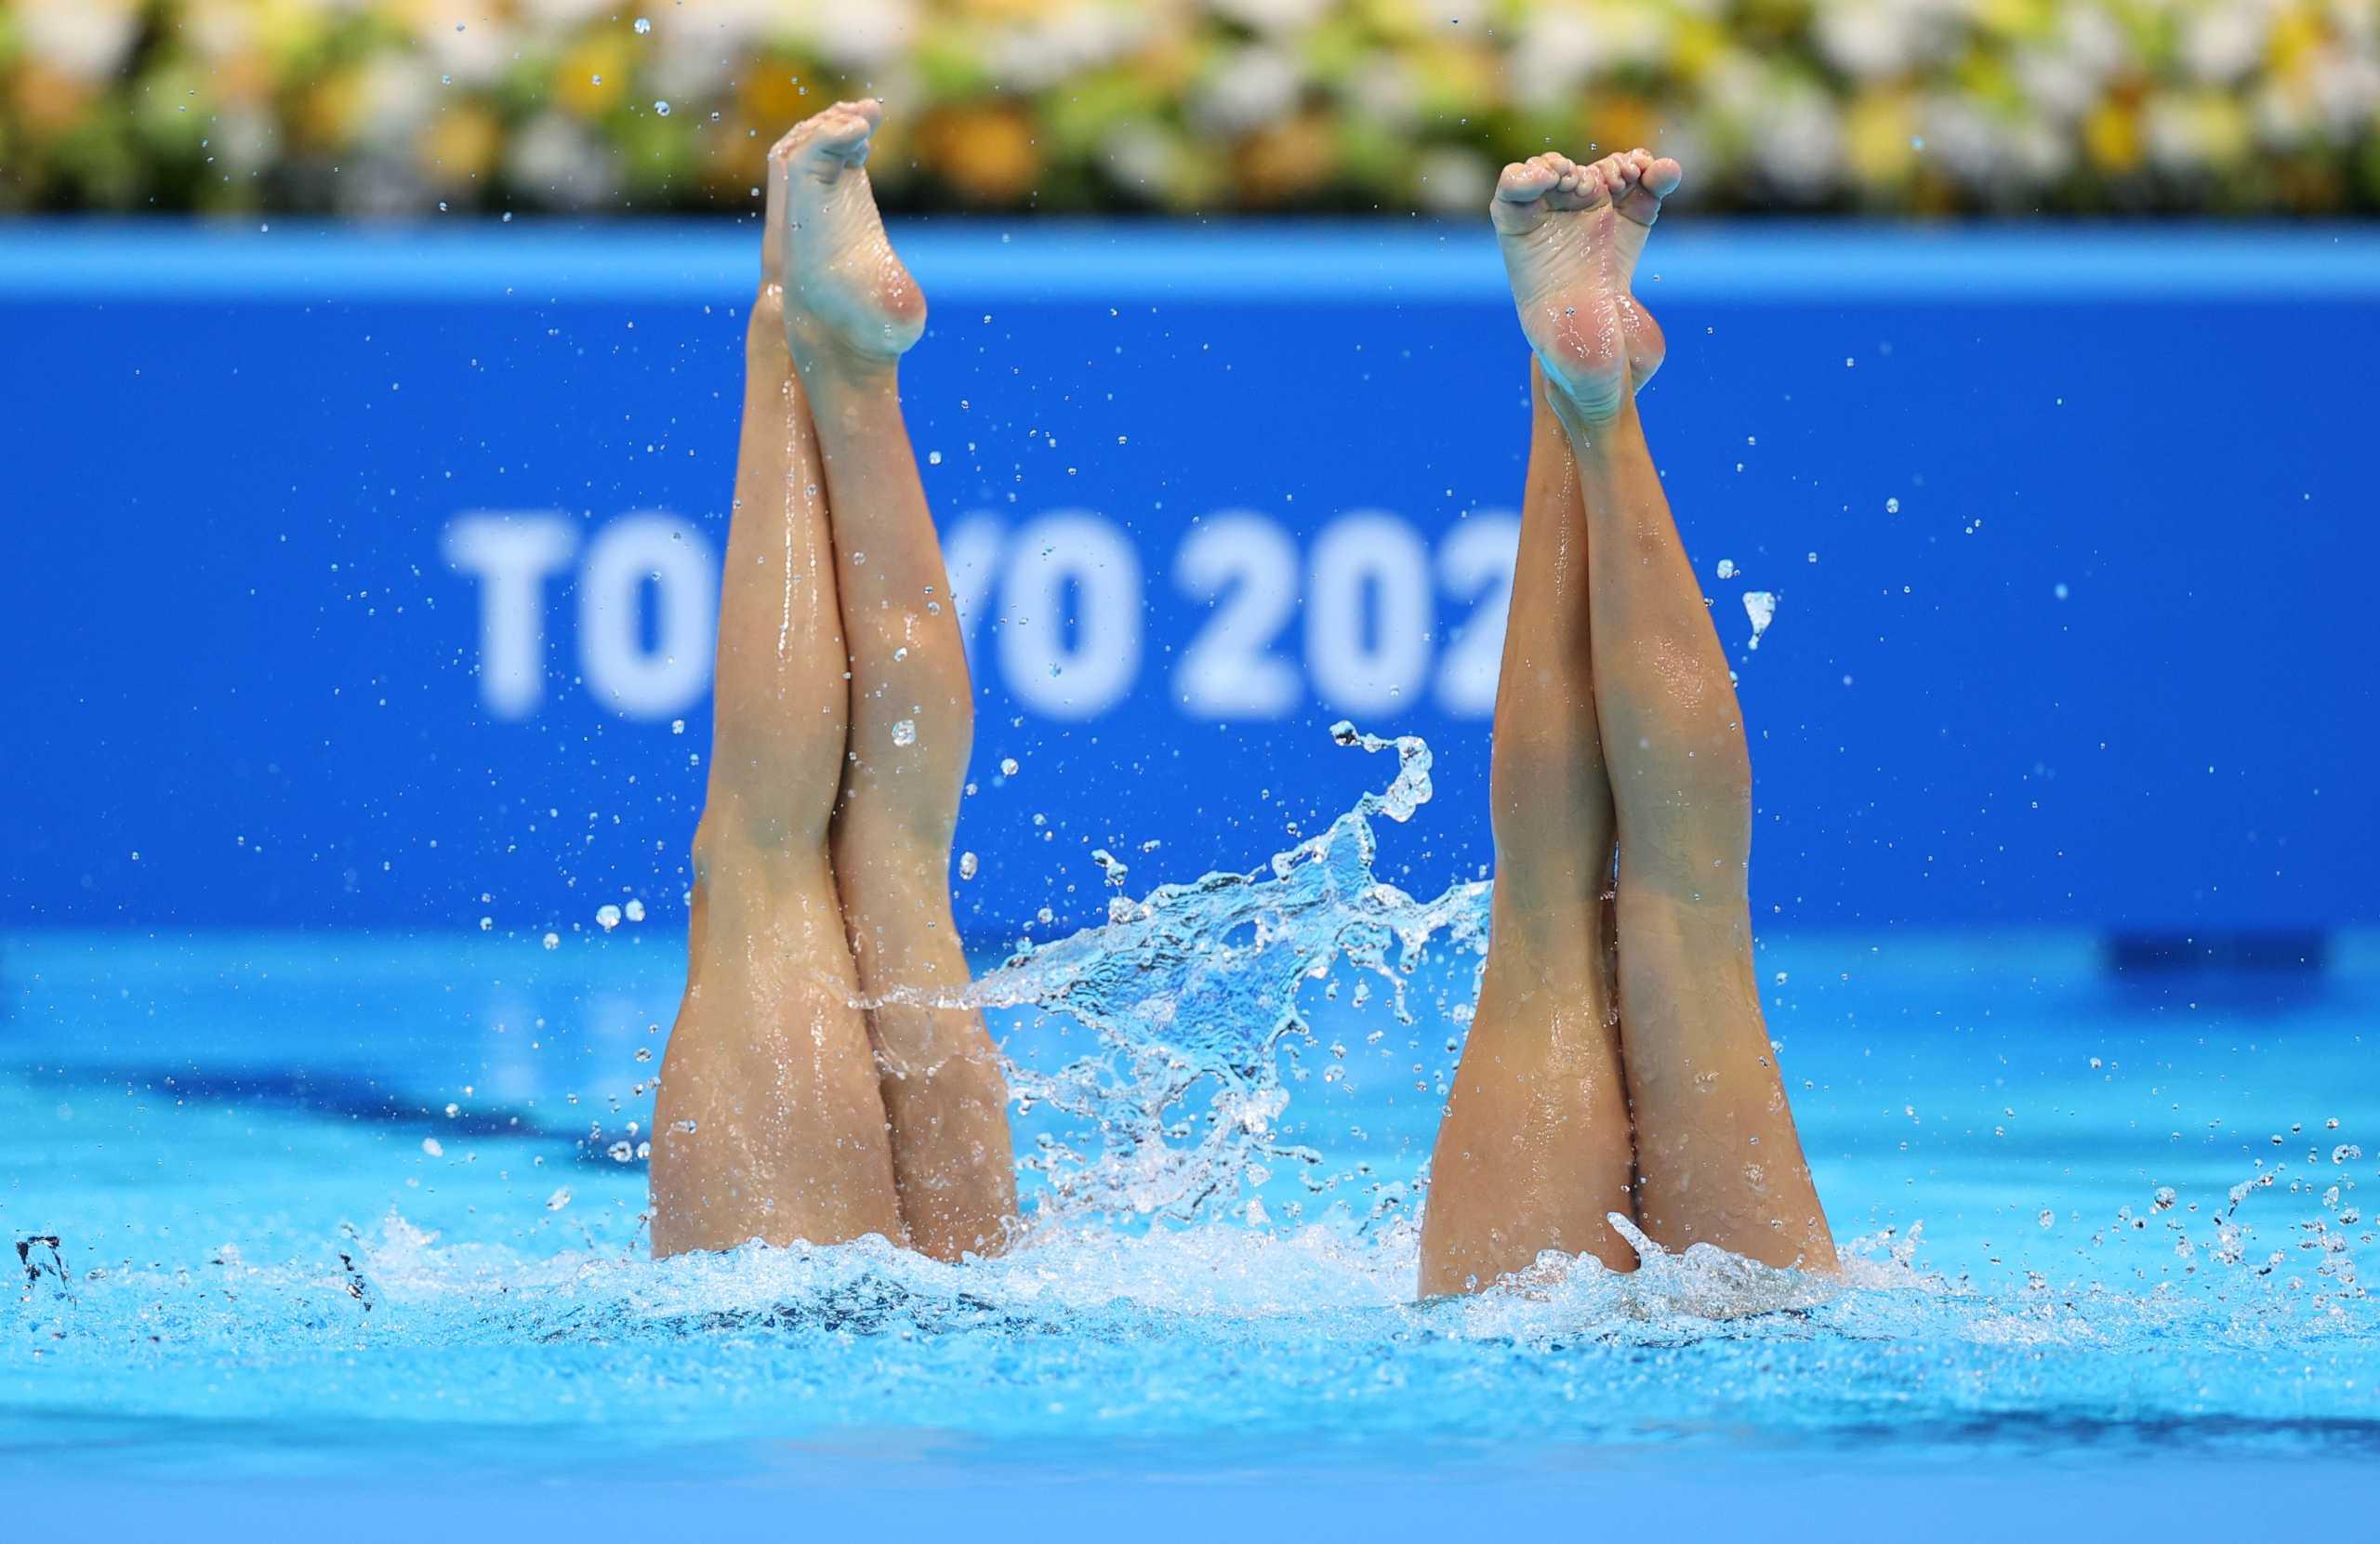 Ολυμπιακοί Αγώνες: Θετική στον κορονοϊό αθλήτρια της Εθνικής ομάδας καλλιτεχνικής κολύμβησης